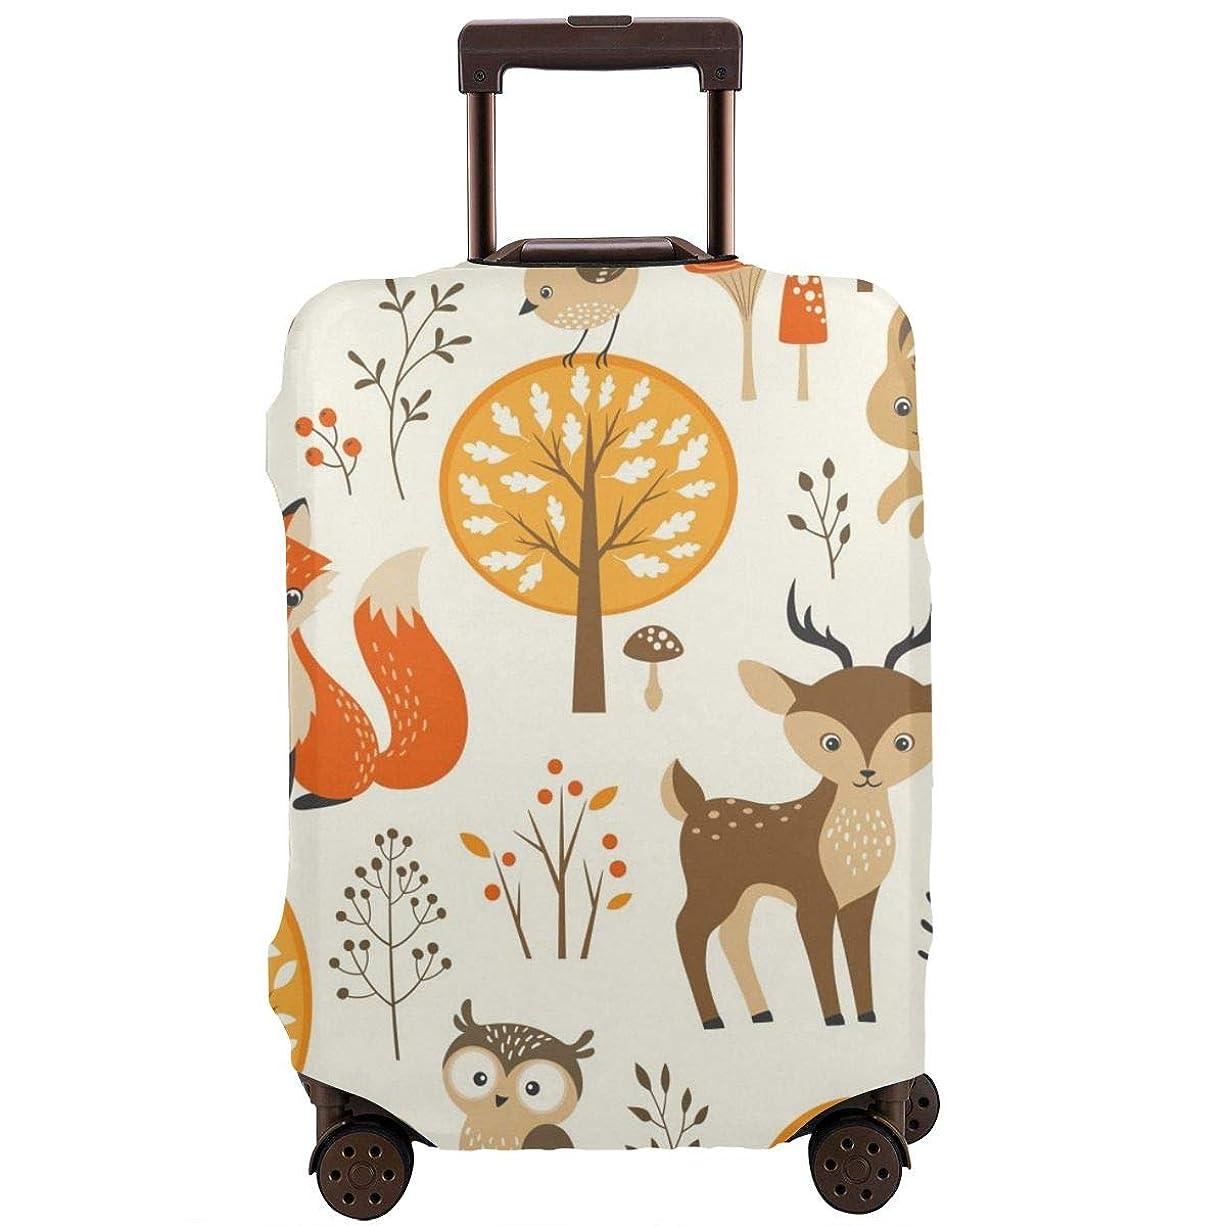 引き受ける小さいはいスーツケースカバー キャリーバッグ アニマル 動物柄 花柄 狐 ハリネズミ ウサギ 鳥 お荷物カバー ラゲッジカバー 伸縮素材 保護 防塵 旅行 出張 便利 おしゃれ 洗える 着脱簡単S M L XL サイズ